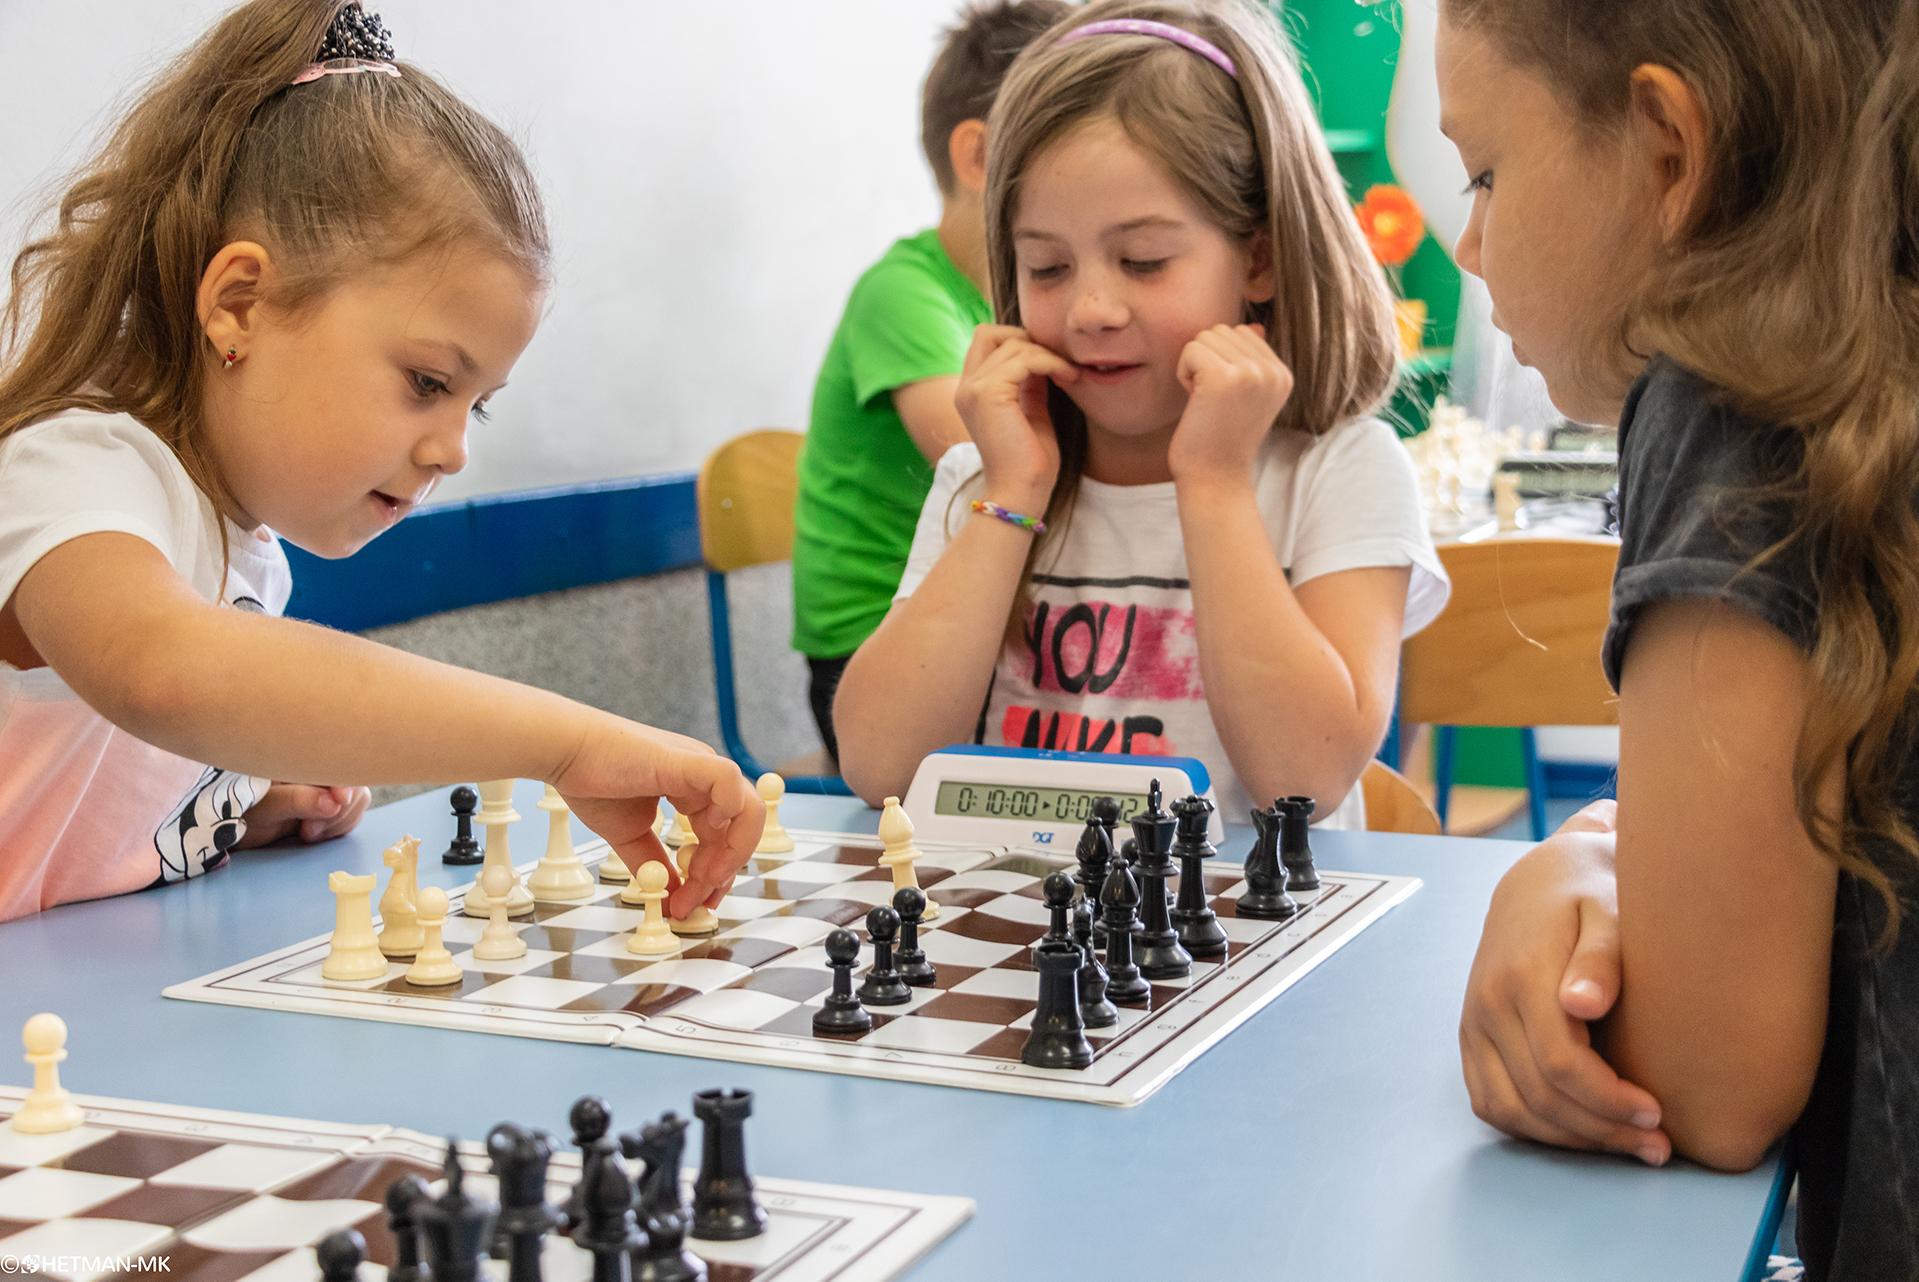 VIII Turniej Szachowy o Mistrzostwo Przedszkola Wesoła Piątka, Świdnica, 15.06.2018